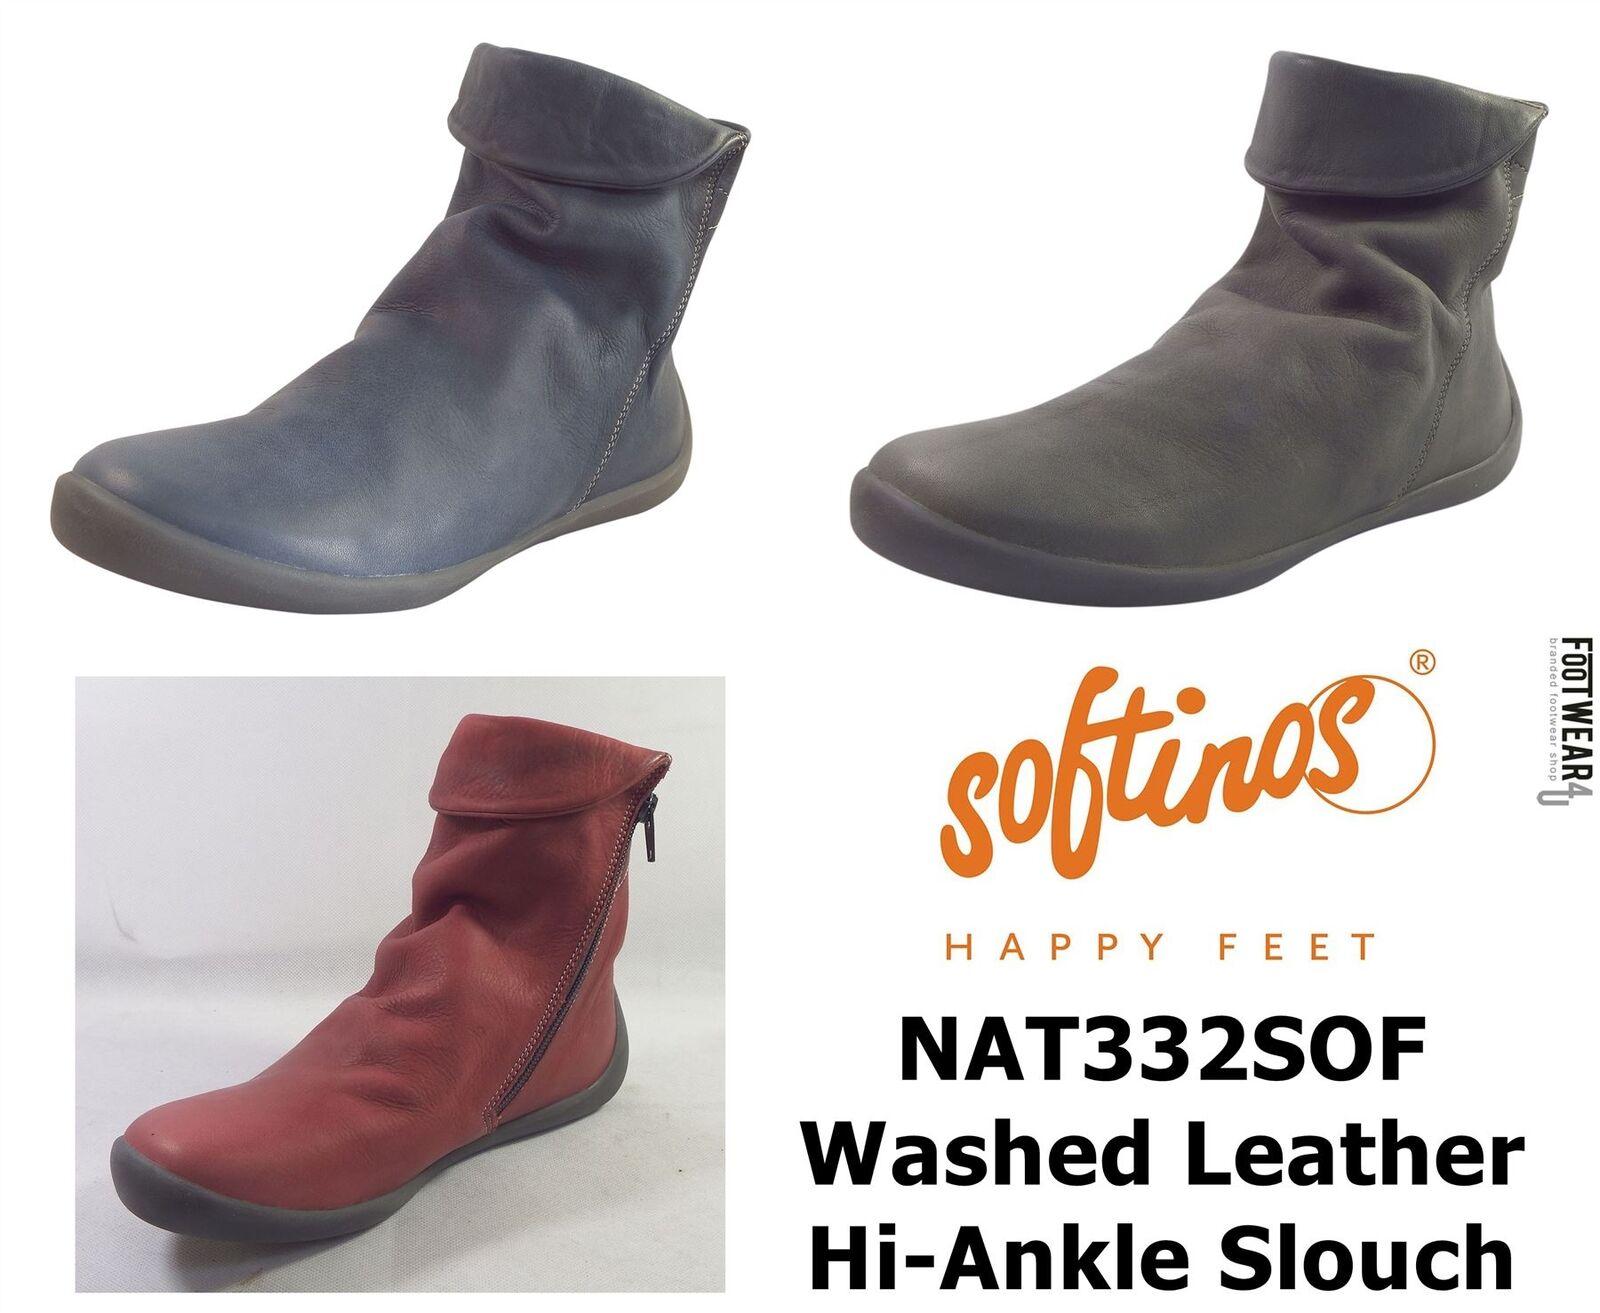 Softinos Donna NAT332SOF Morbido Lavato in pelle Stivali Morbidi alla Caviglia Hi